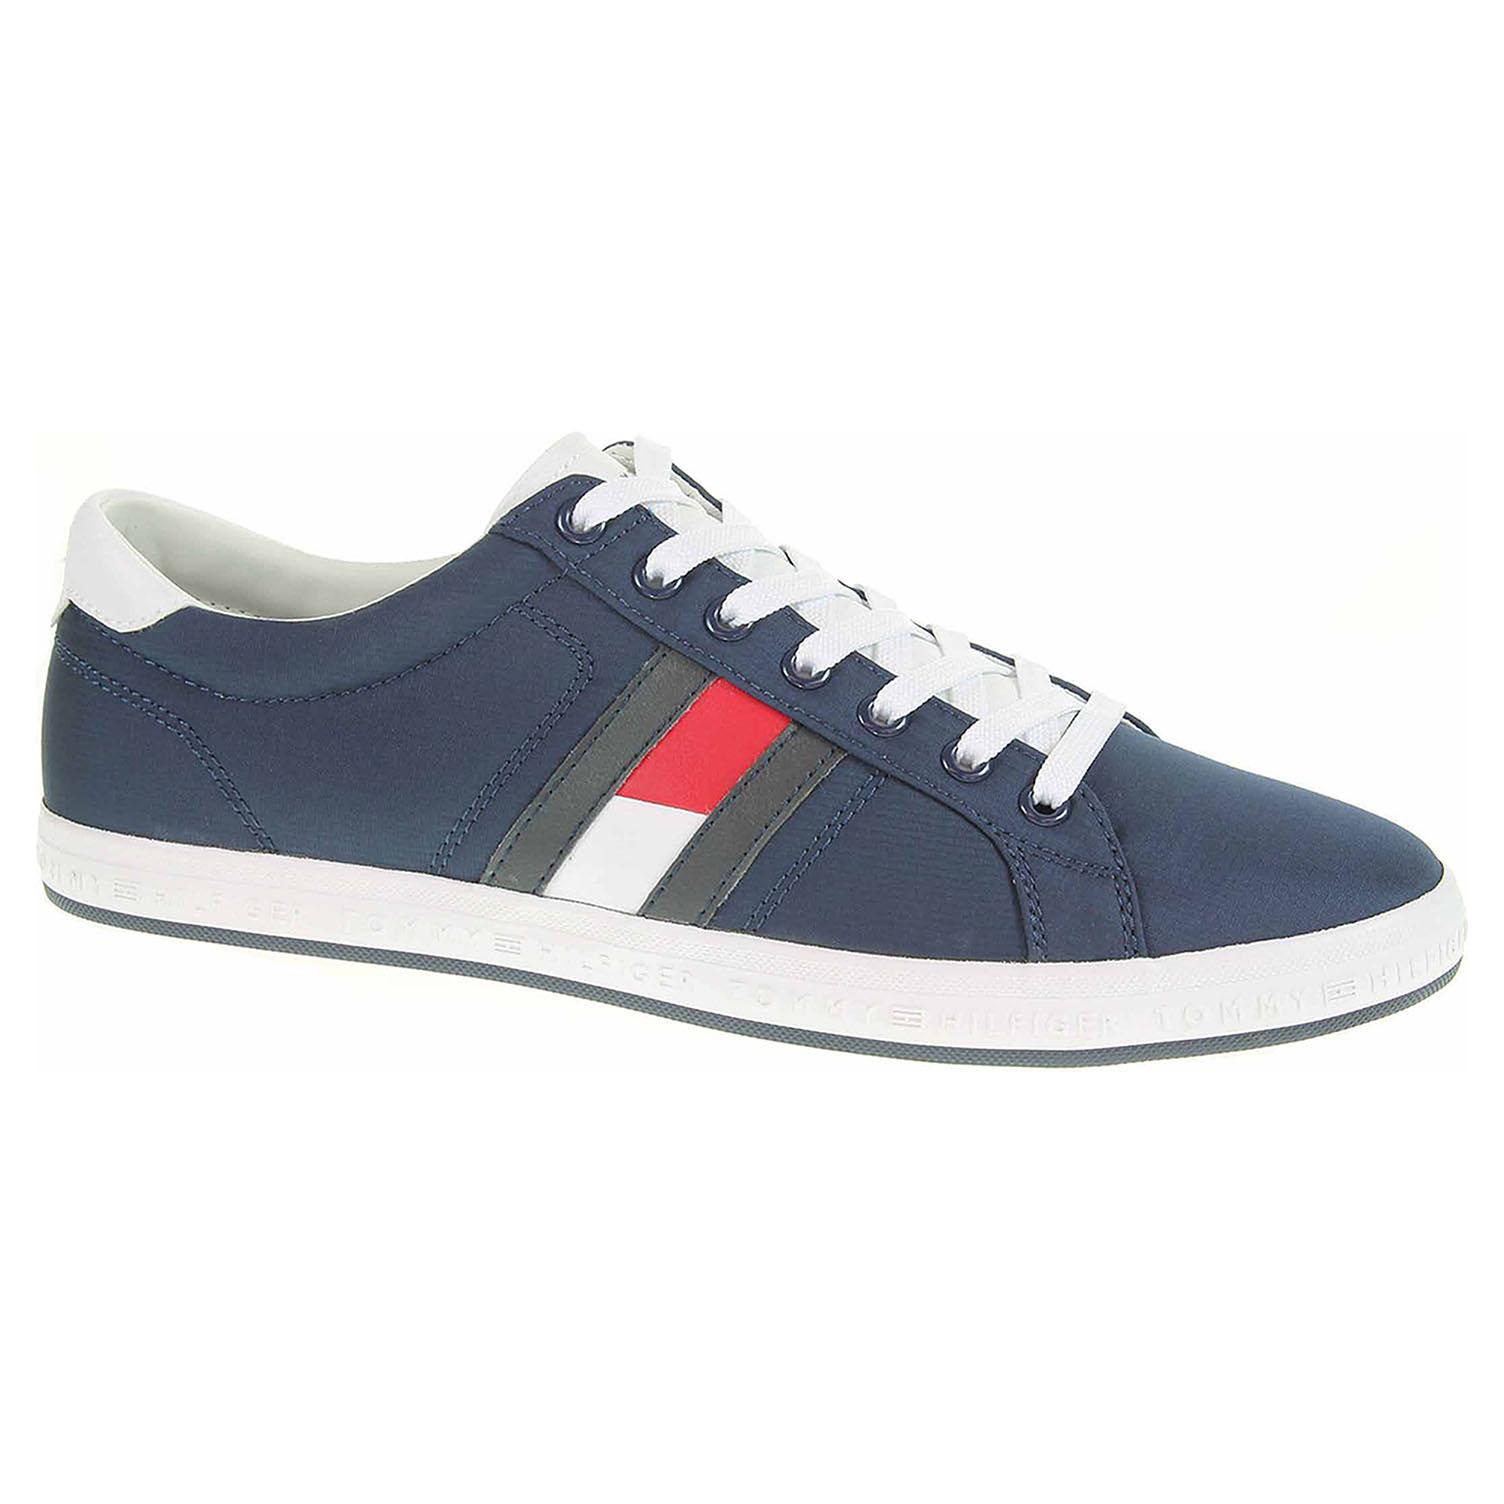 22d9c5252 Pánska topánky Tommy Hilfiger FM0FM01535 tommy navy | REJNOK obuv